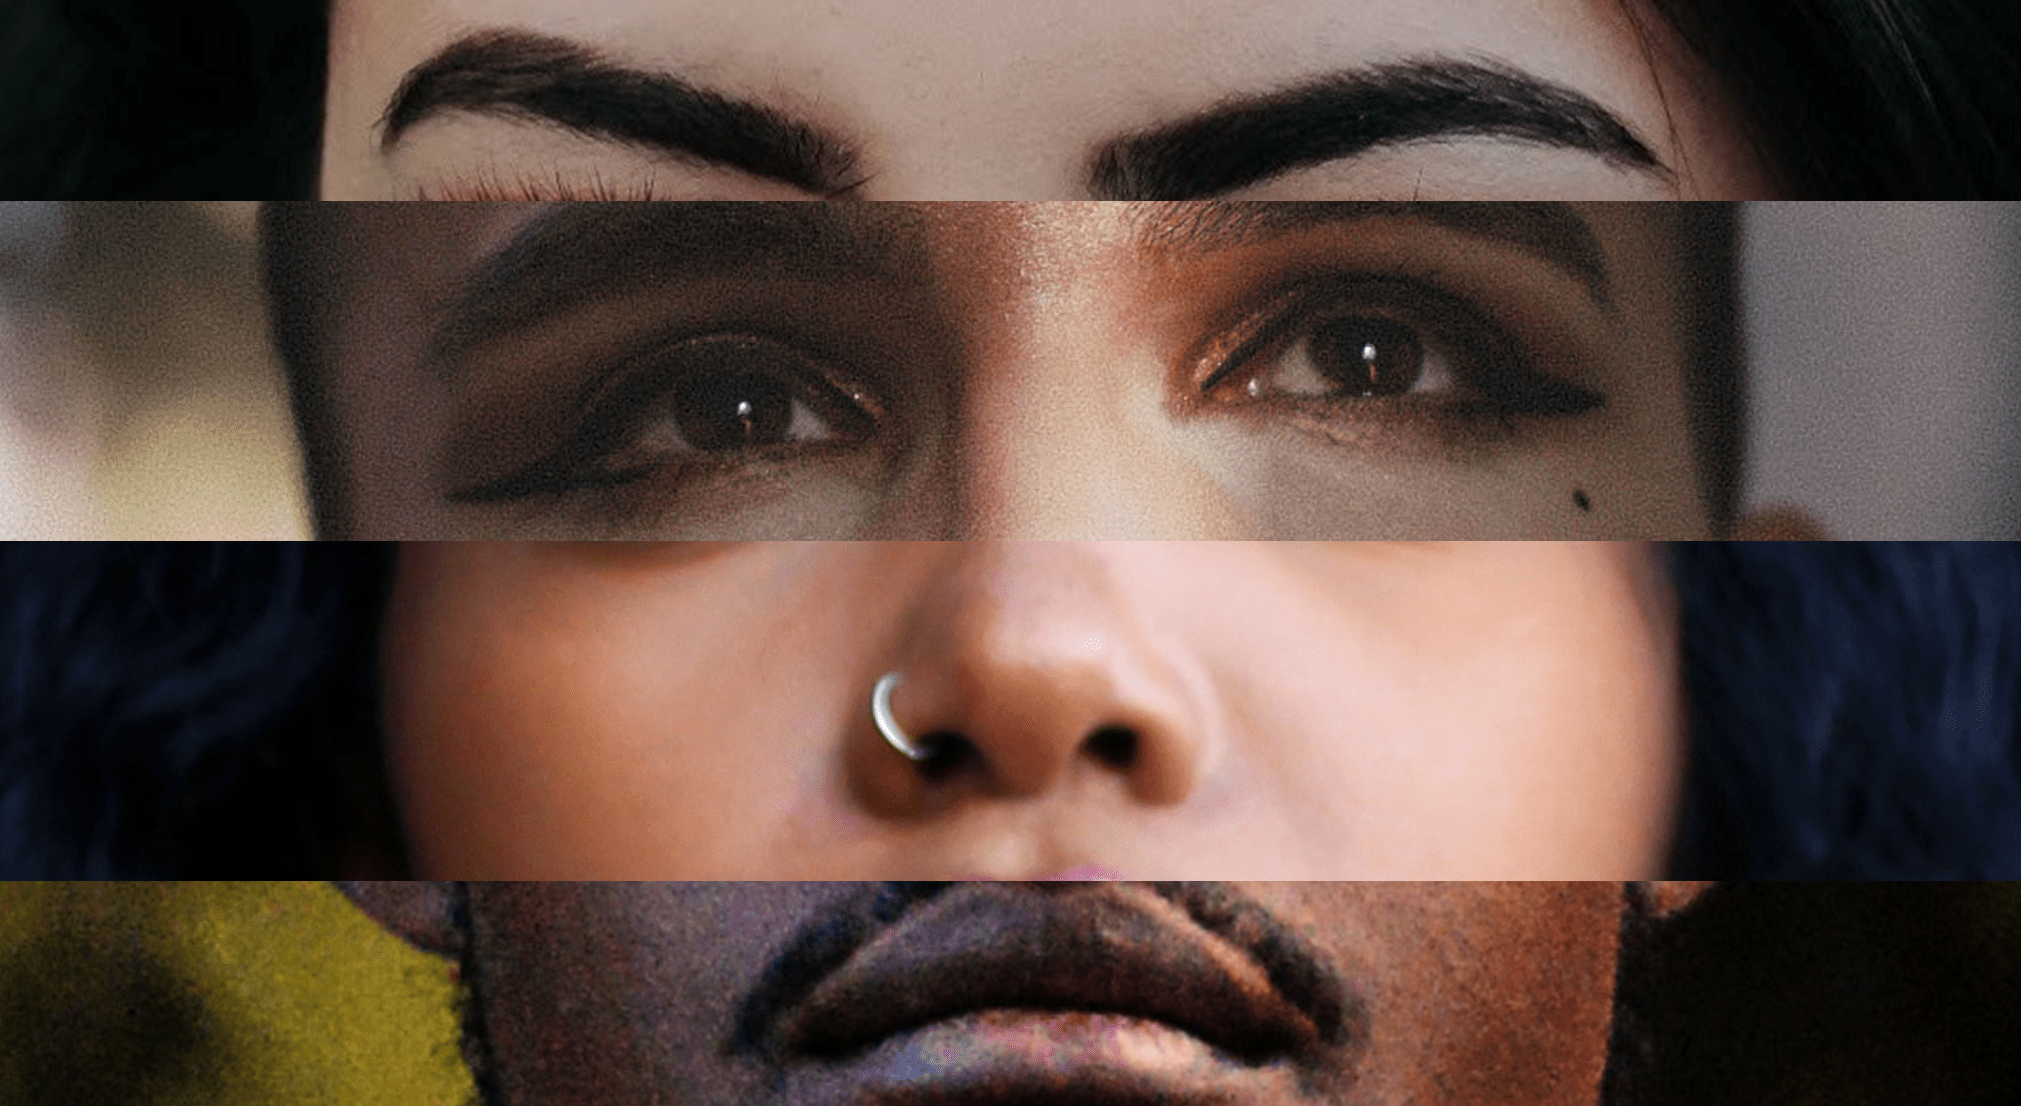 Oxford İngilizce Sözlüğü Artık Aseksüel, Bi-Gender ve Trans Terimlerini de İçeriyor